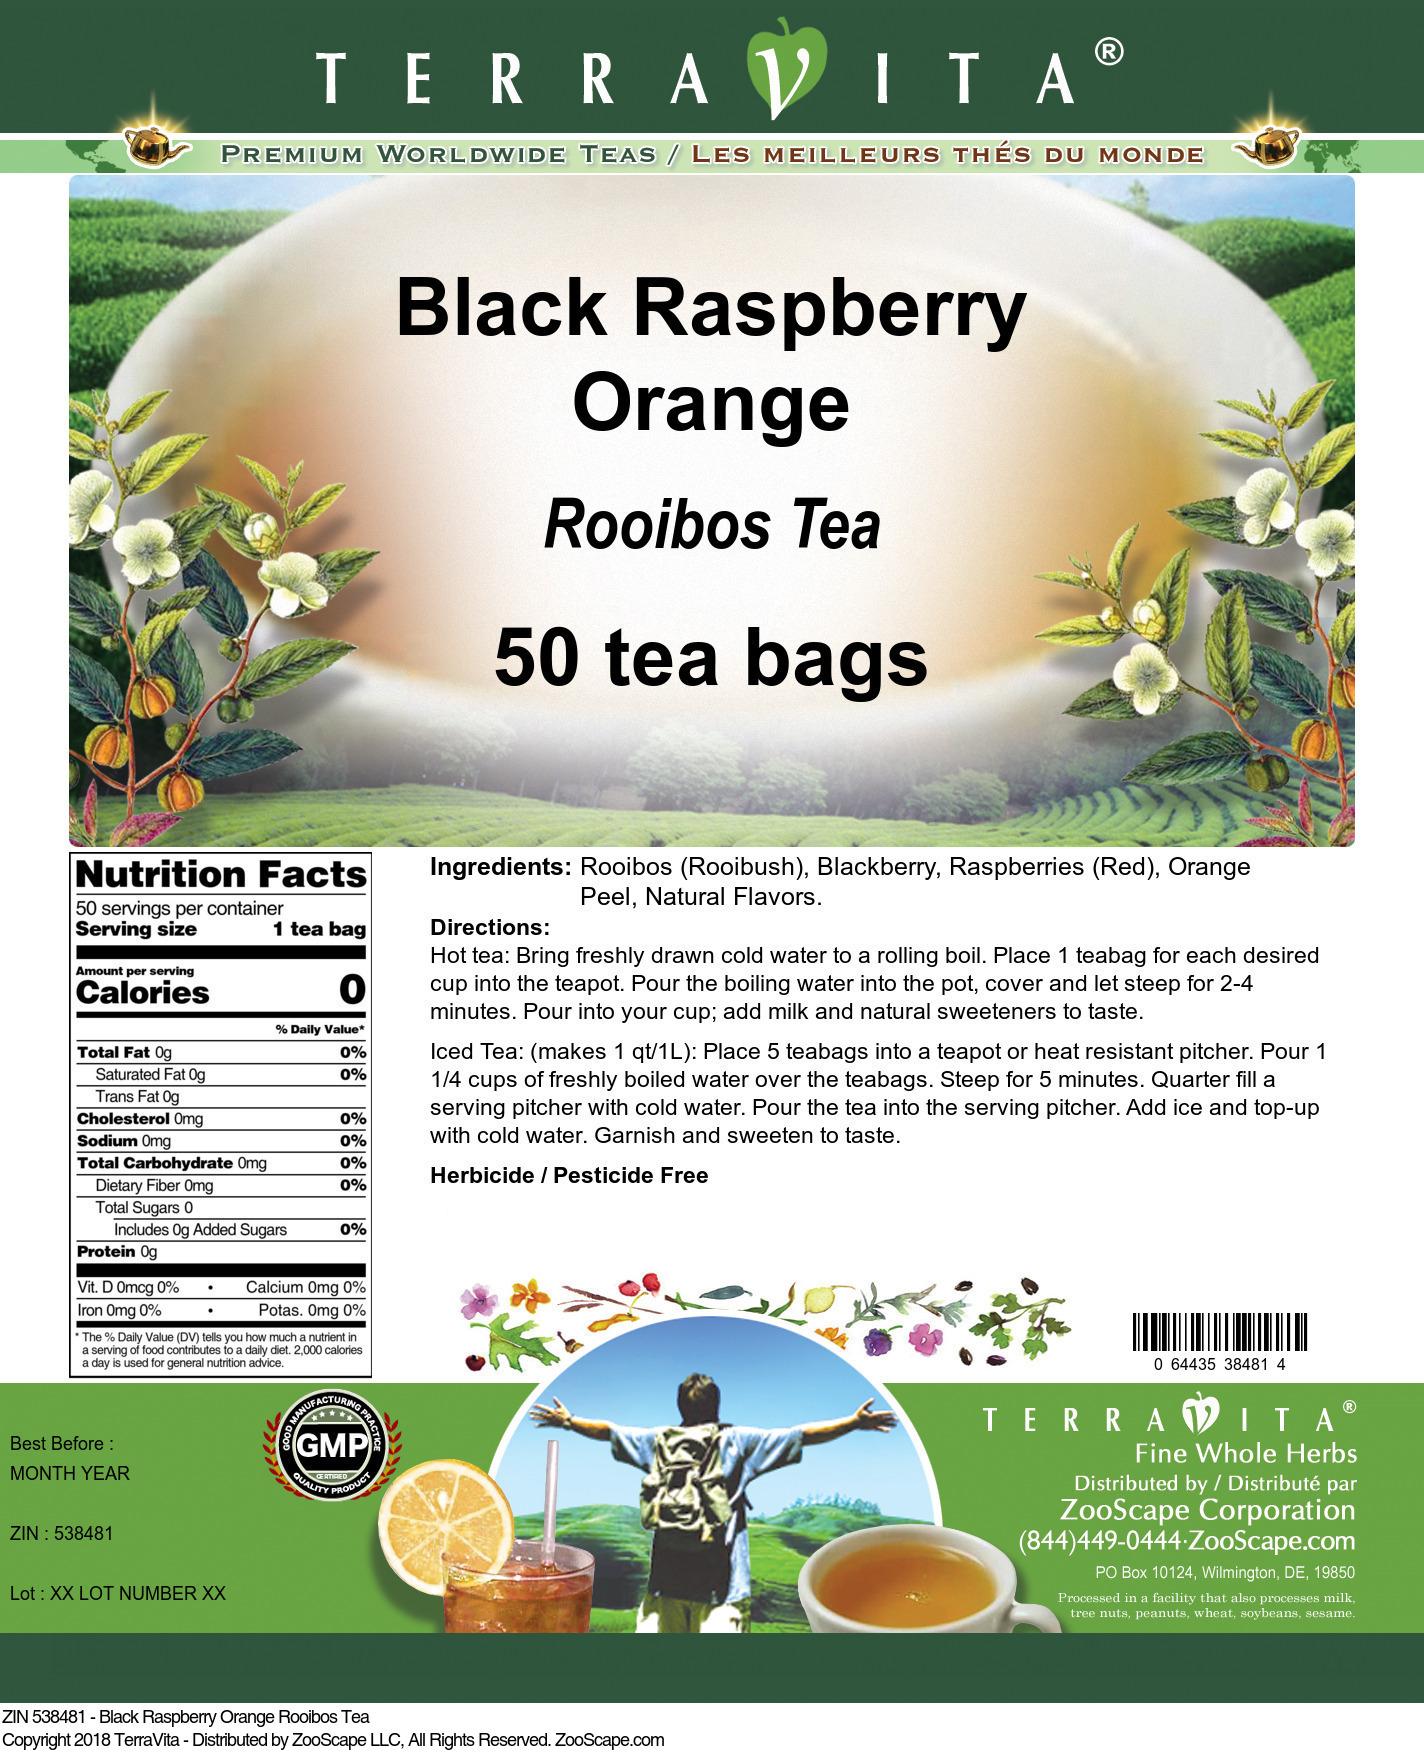 Black Raspberry Orange Rooibos Tea